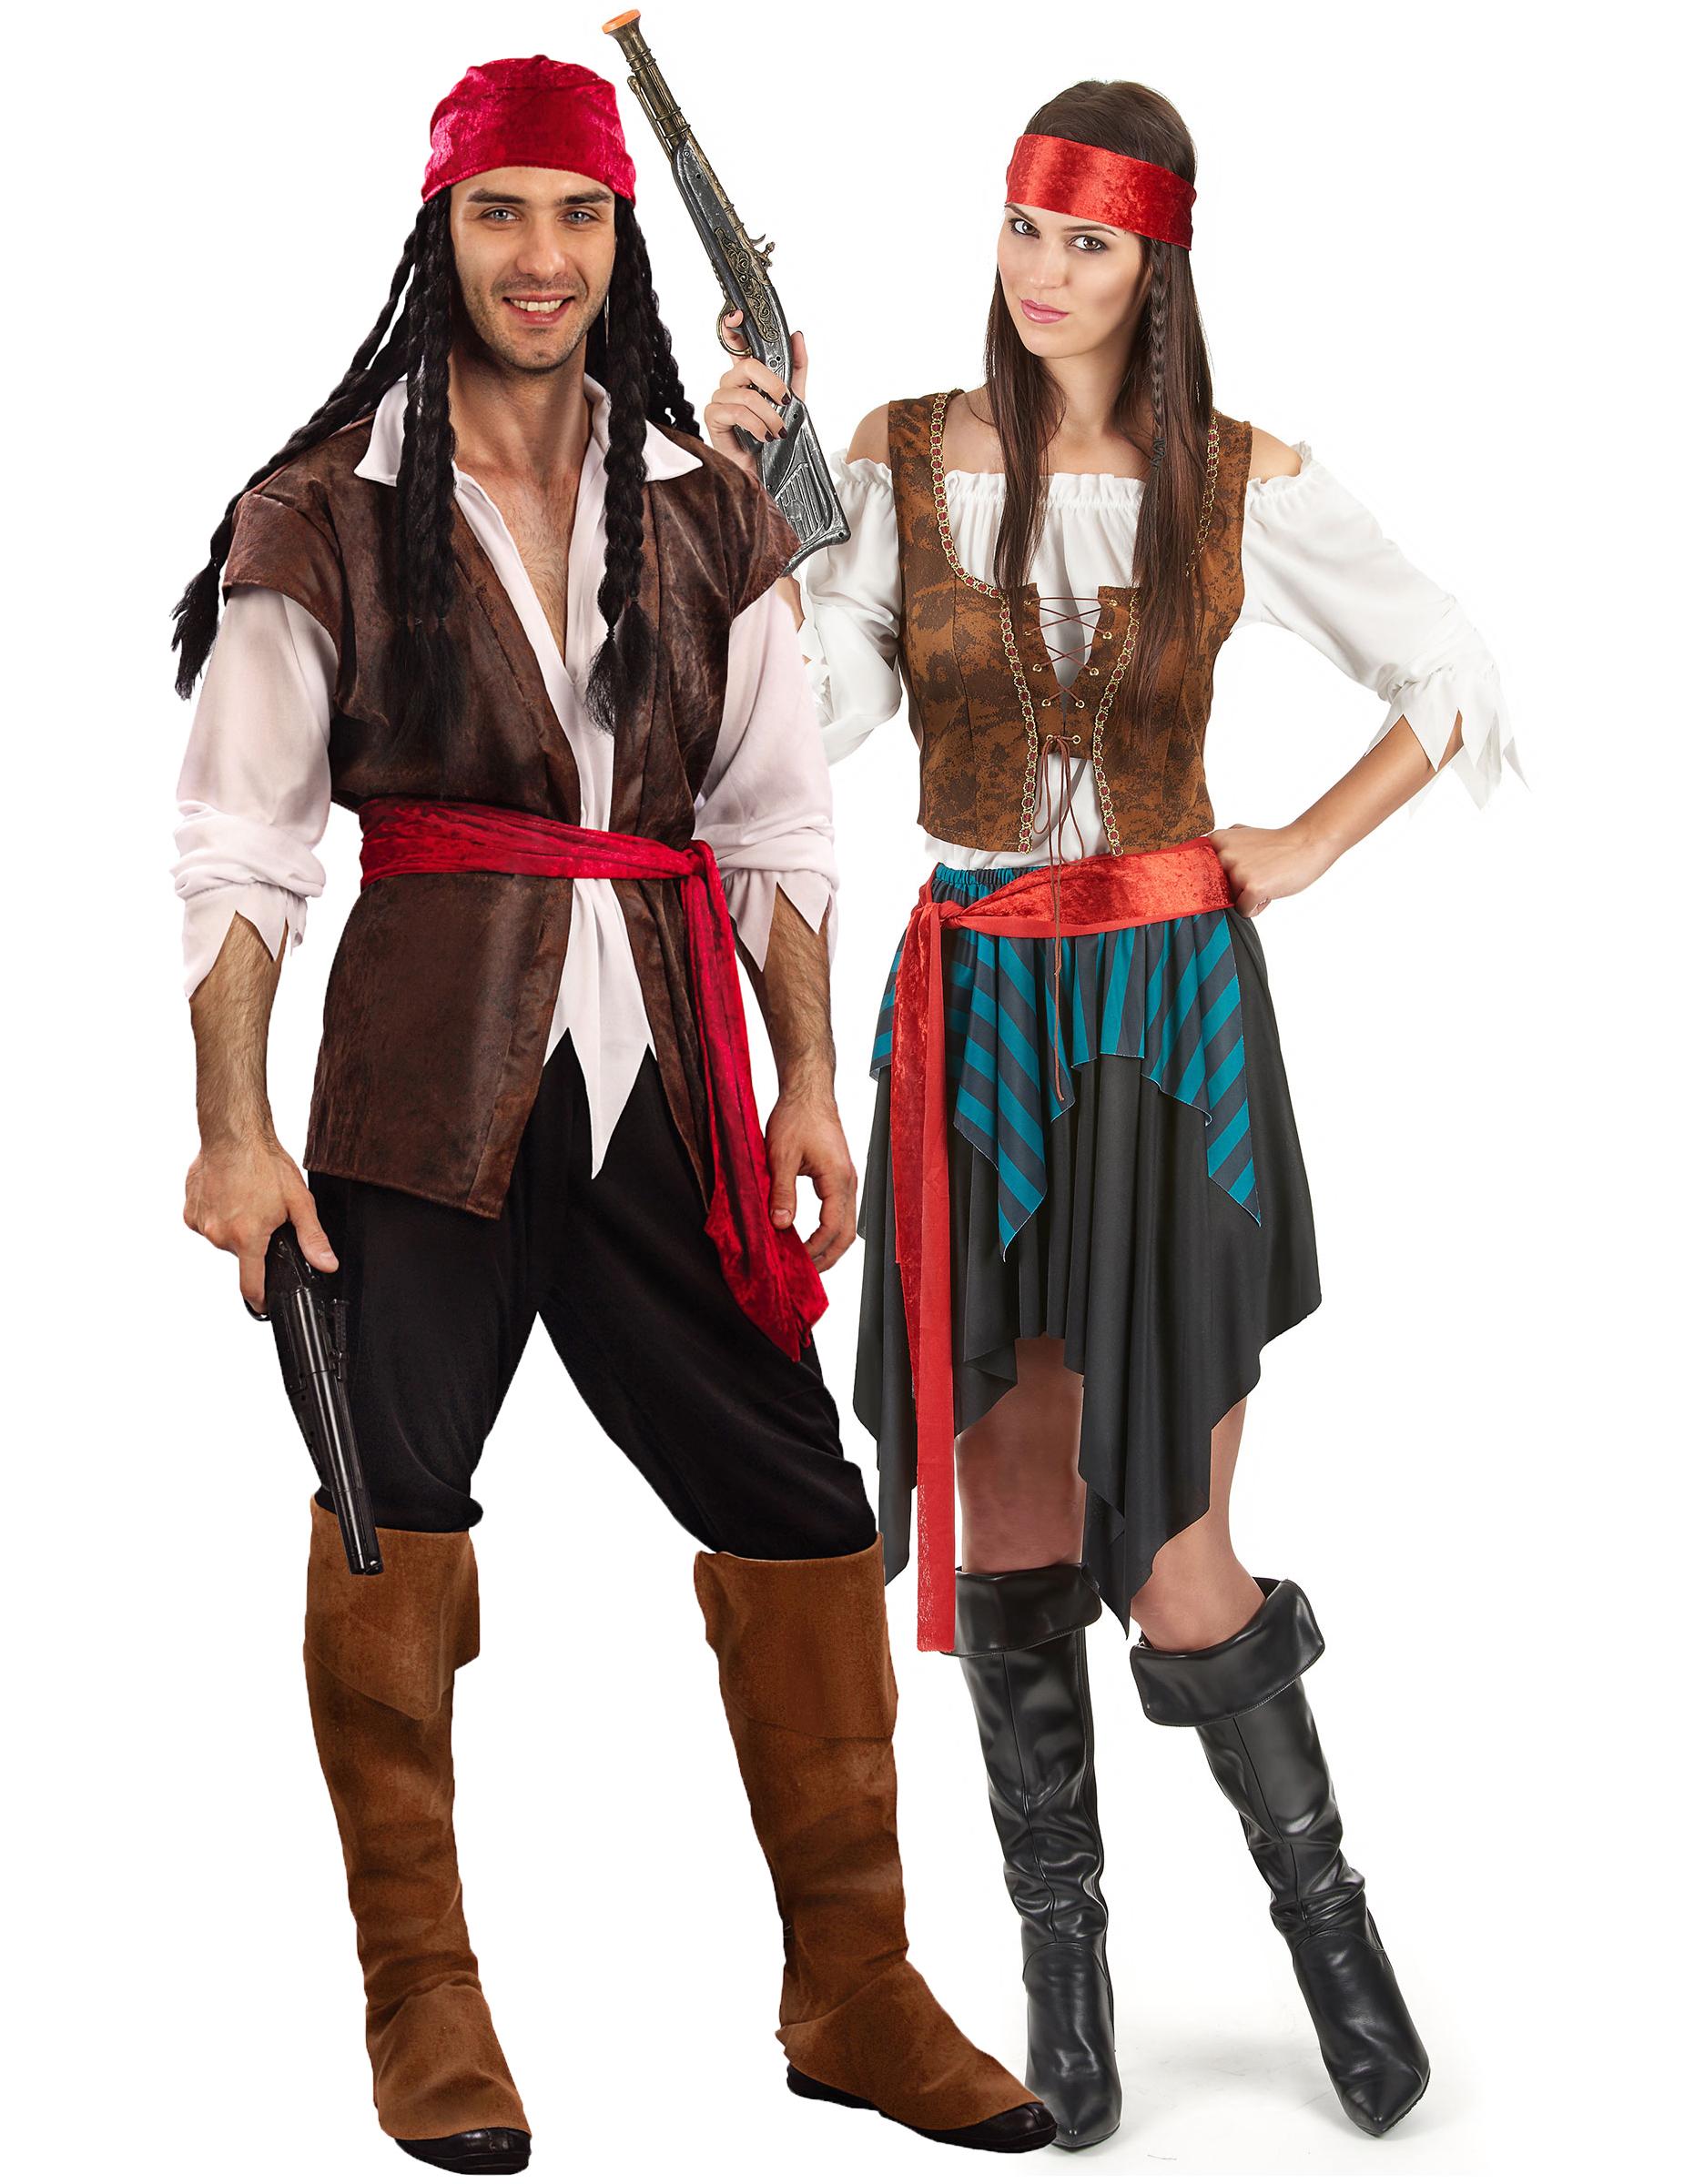 ba11b56c538 Déguisements et accessoires pirate   Deguise-toi